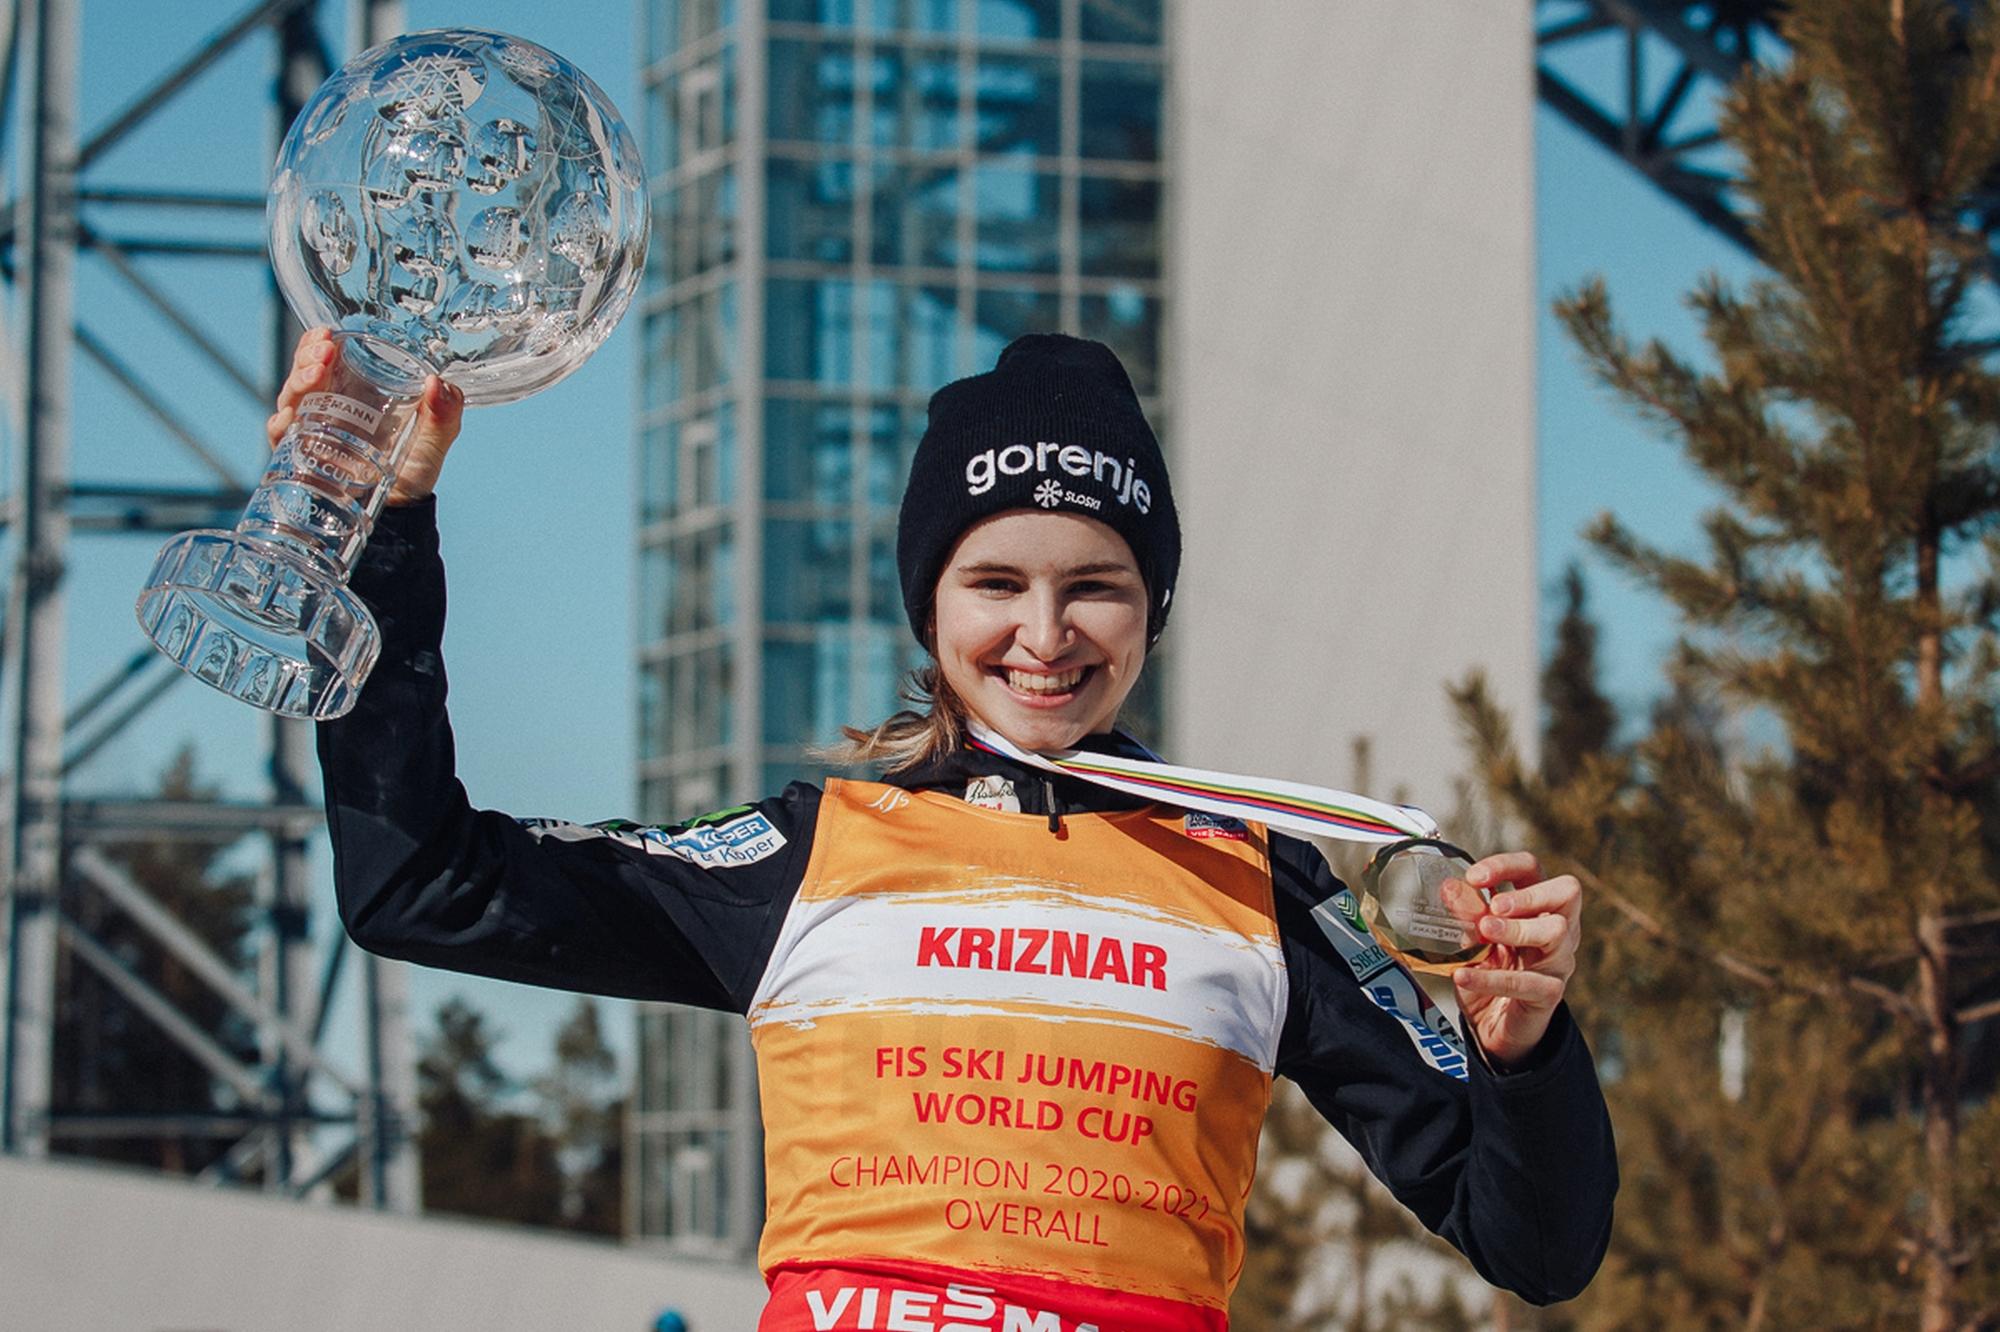 Nika Kriznar KrysztalowaKula2021Czajkowski fot.AlexeyKabelitskiy - Puchar Świata kobiet